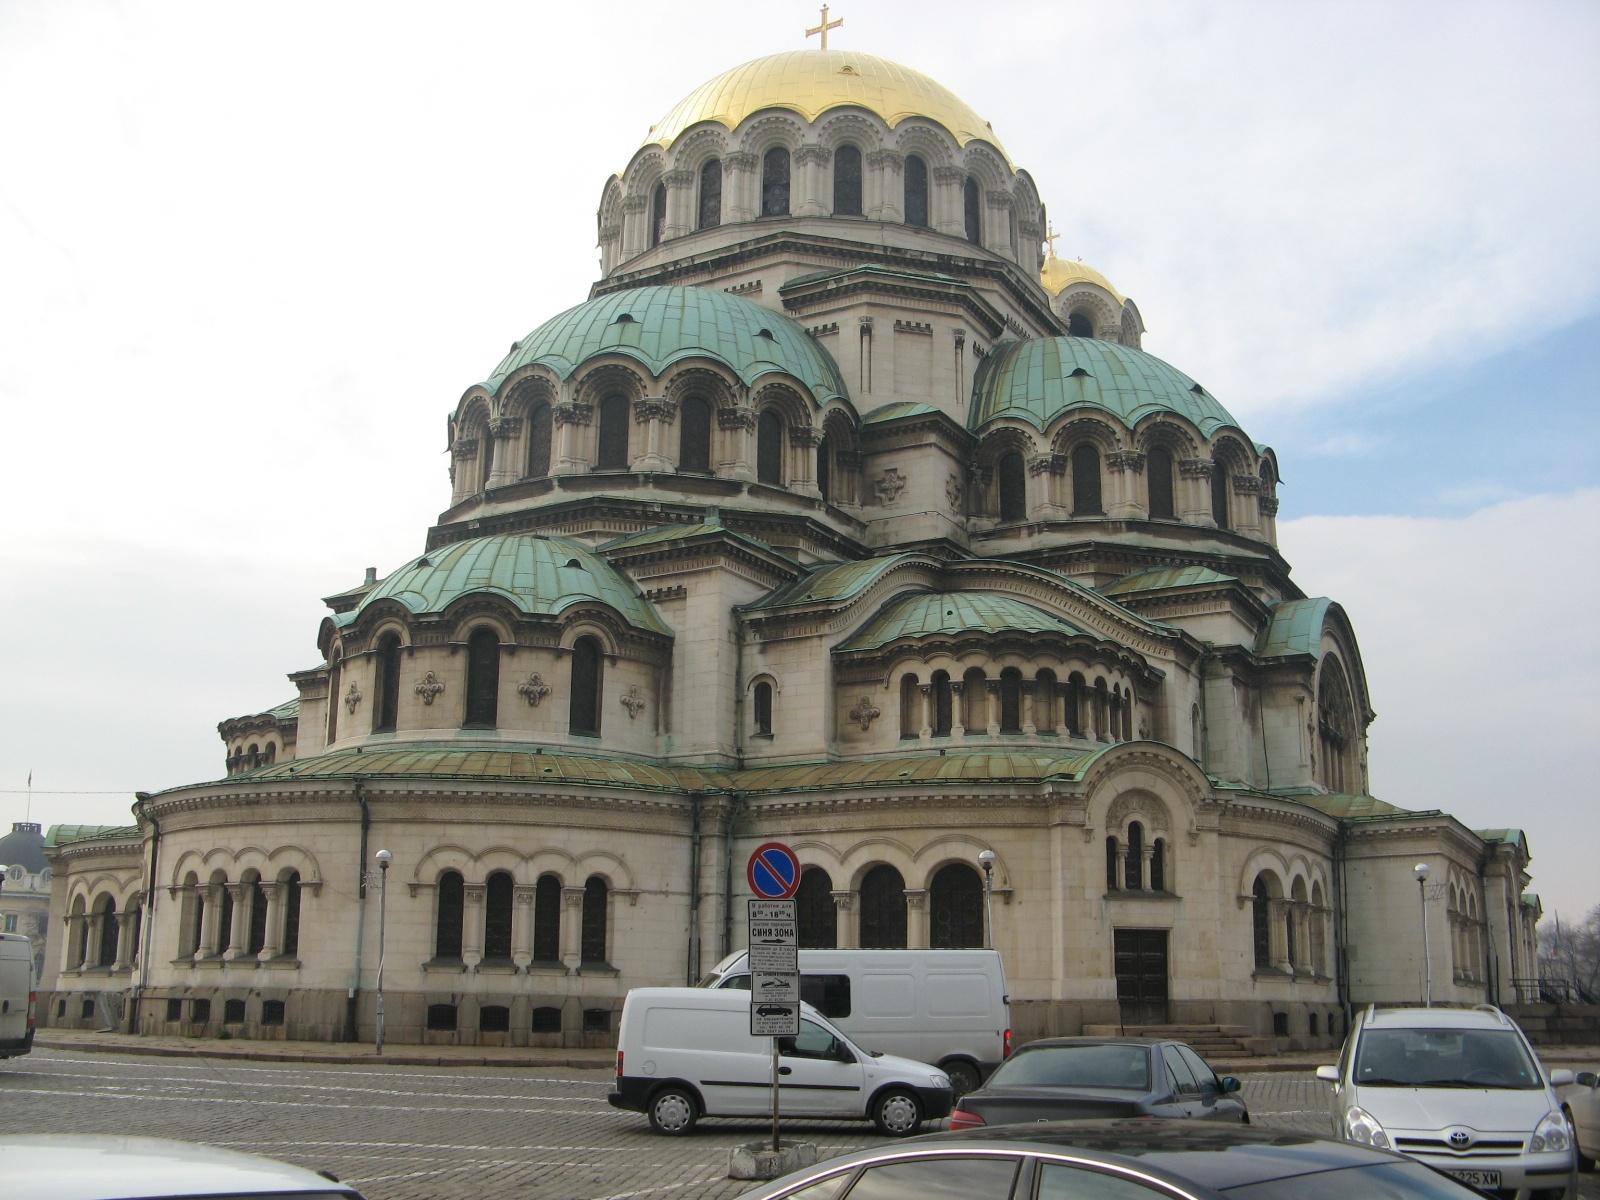 Работа и жизнь в Болгарии. Часть вторая - 1